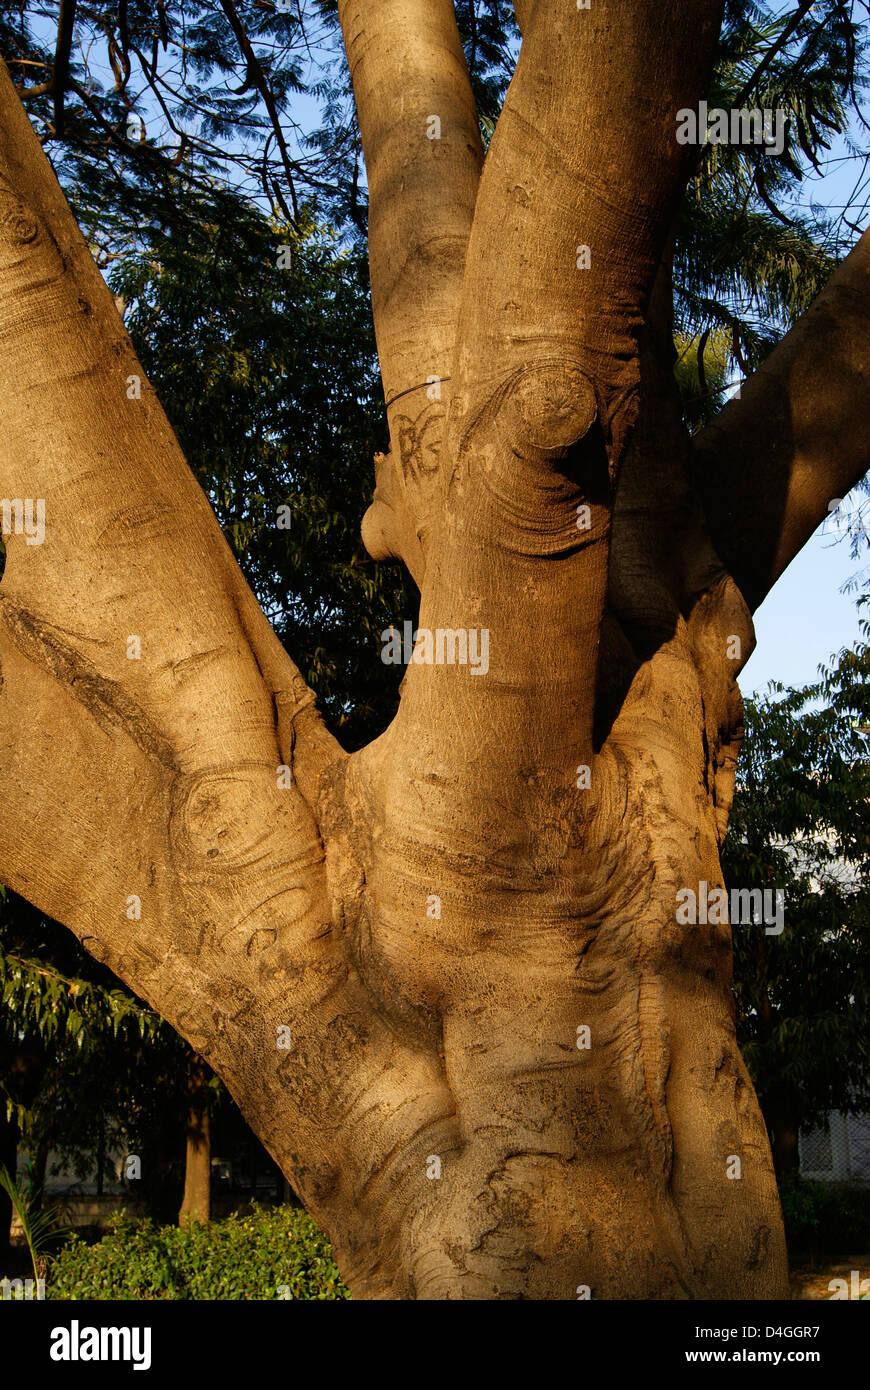 Un enorme tronco di albero e rami vista Swamy Vivekananda Park a Bangalore, India Immagini Stock